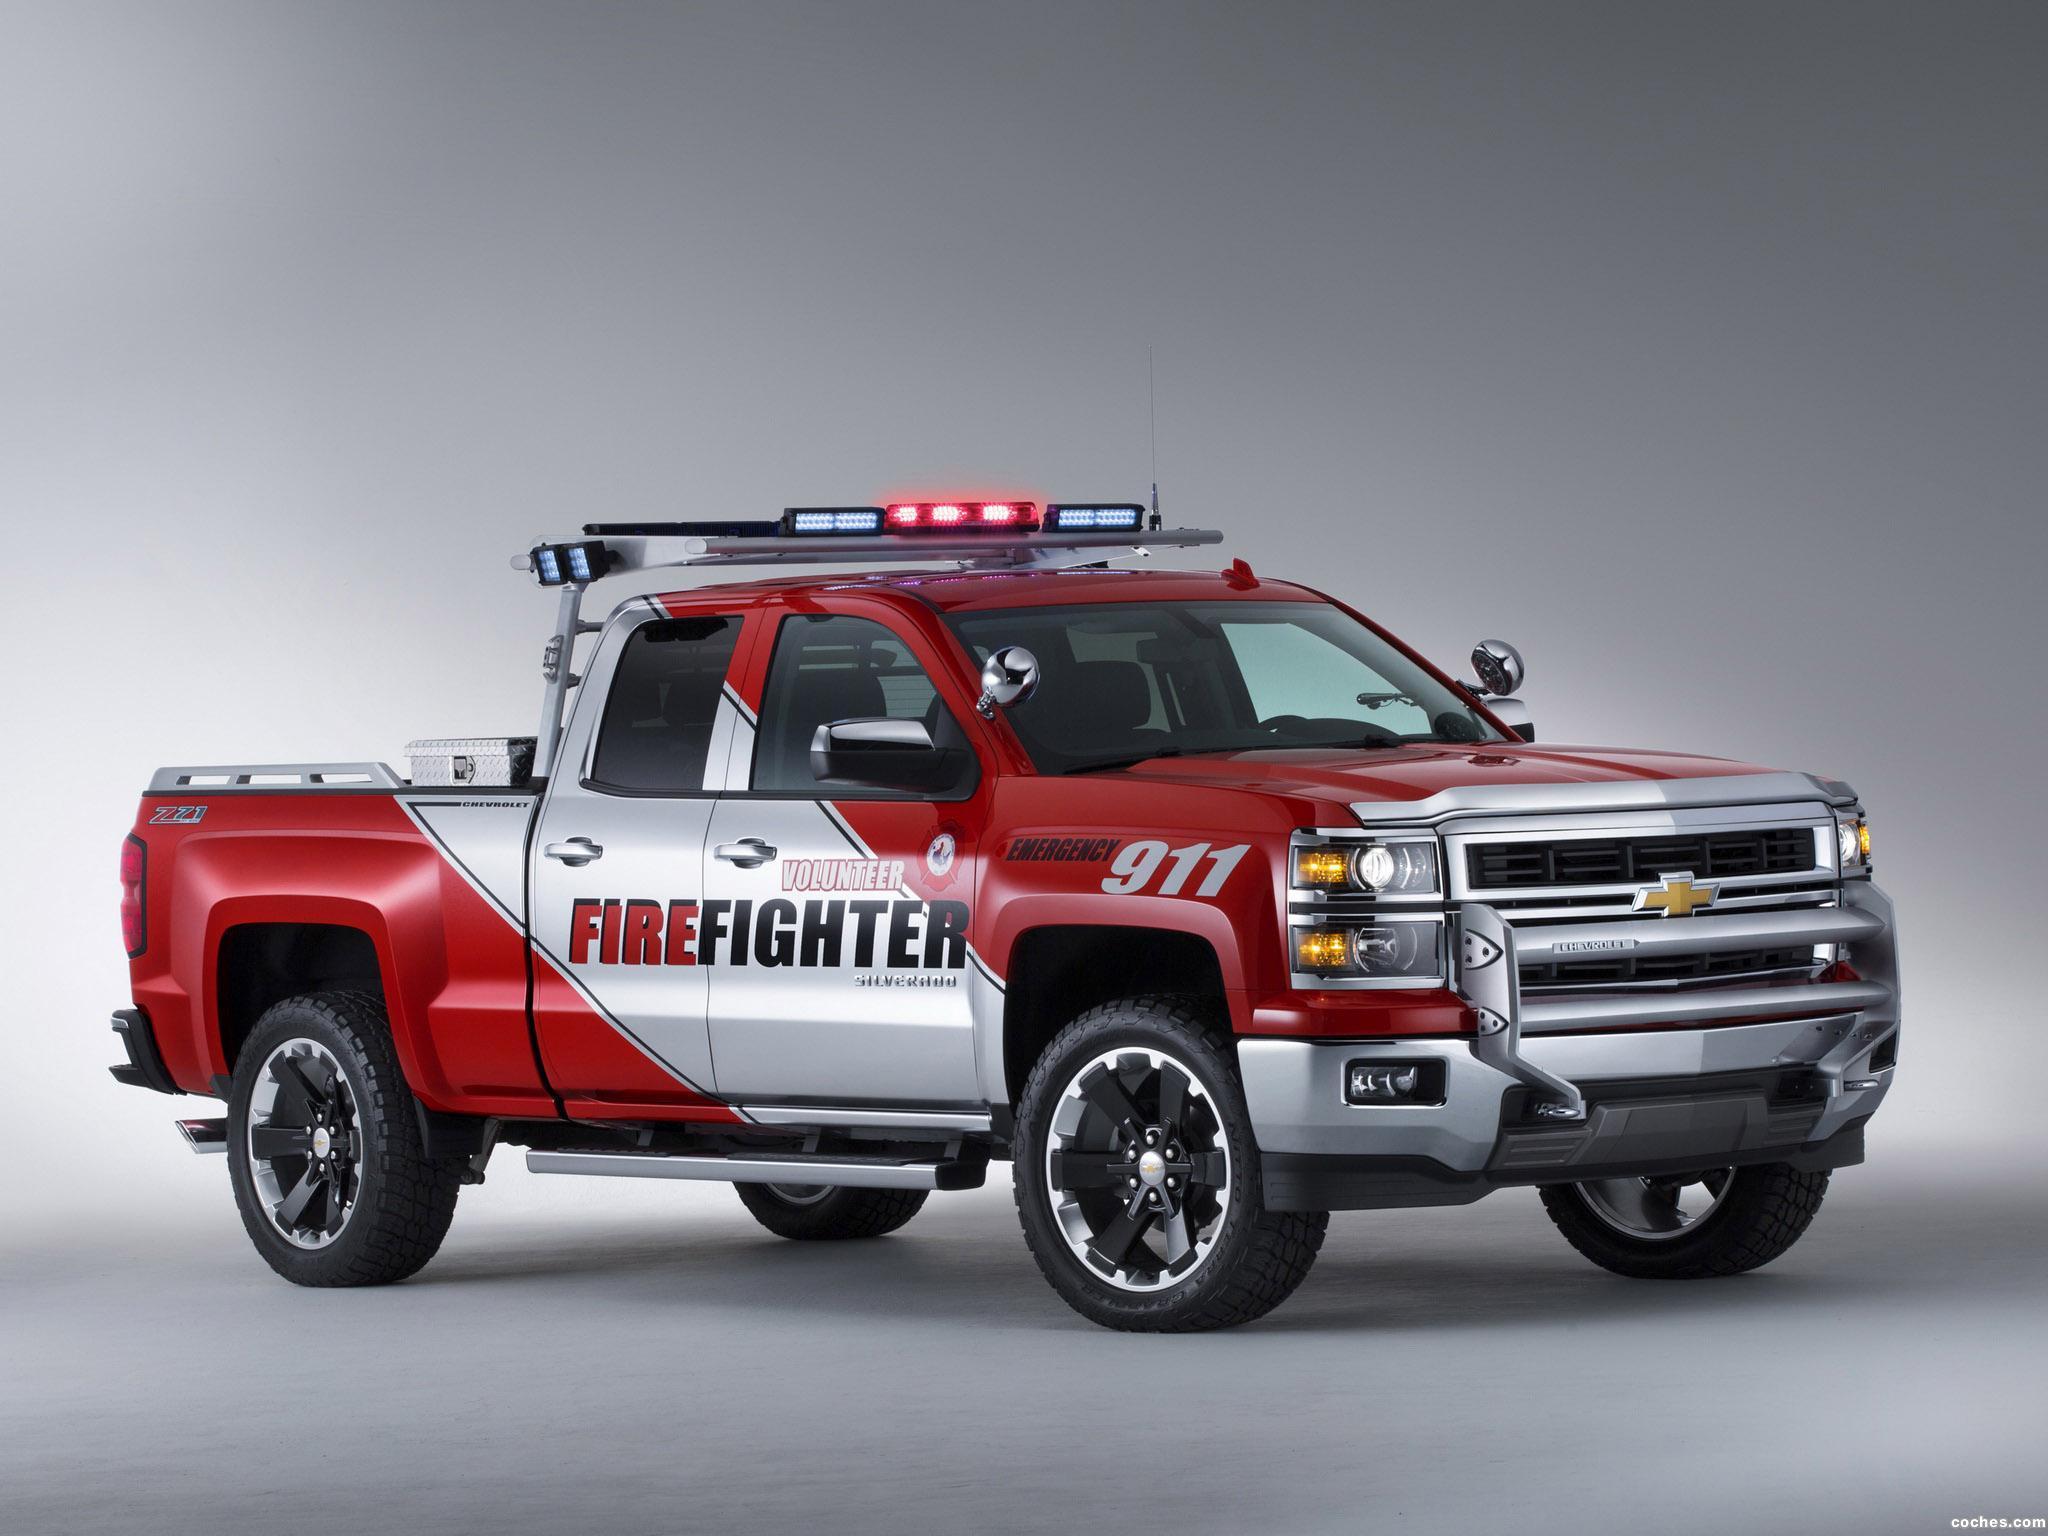 Foto 0 de Chevrolet Silverado Volunteer Firefighter Concept 2013